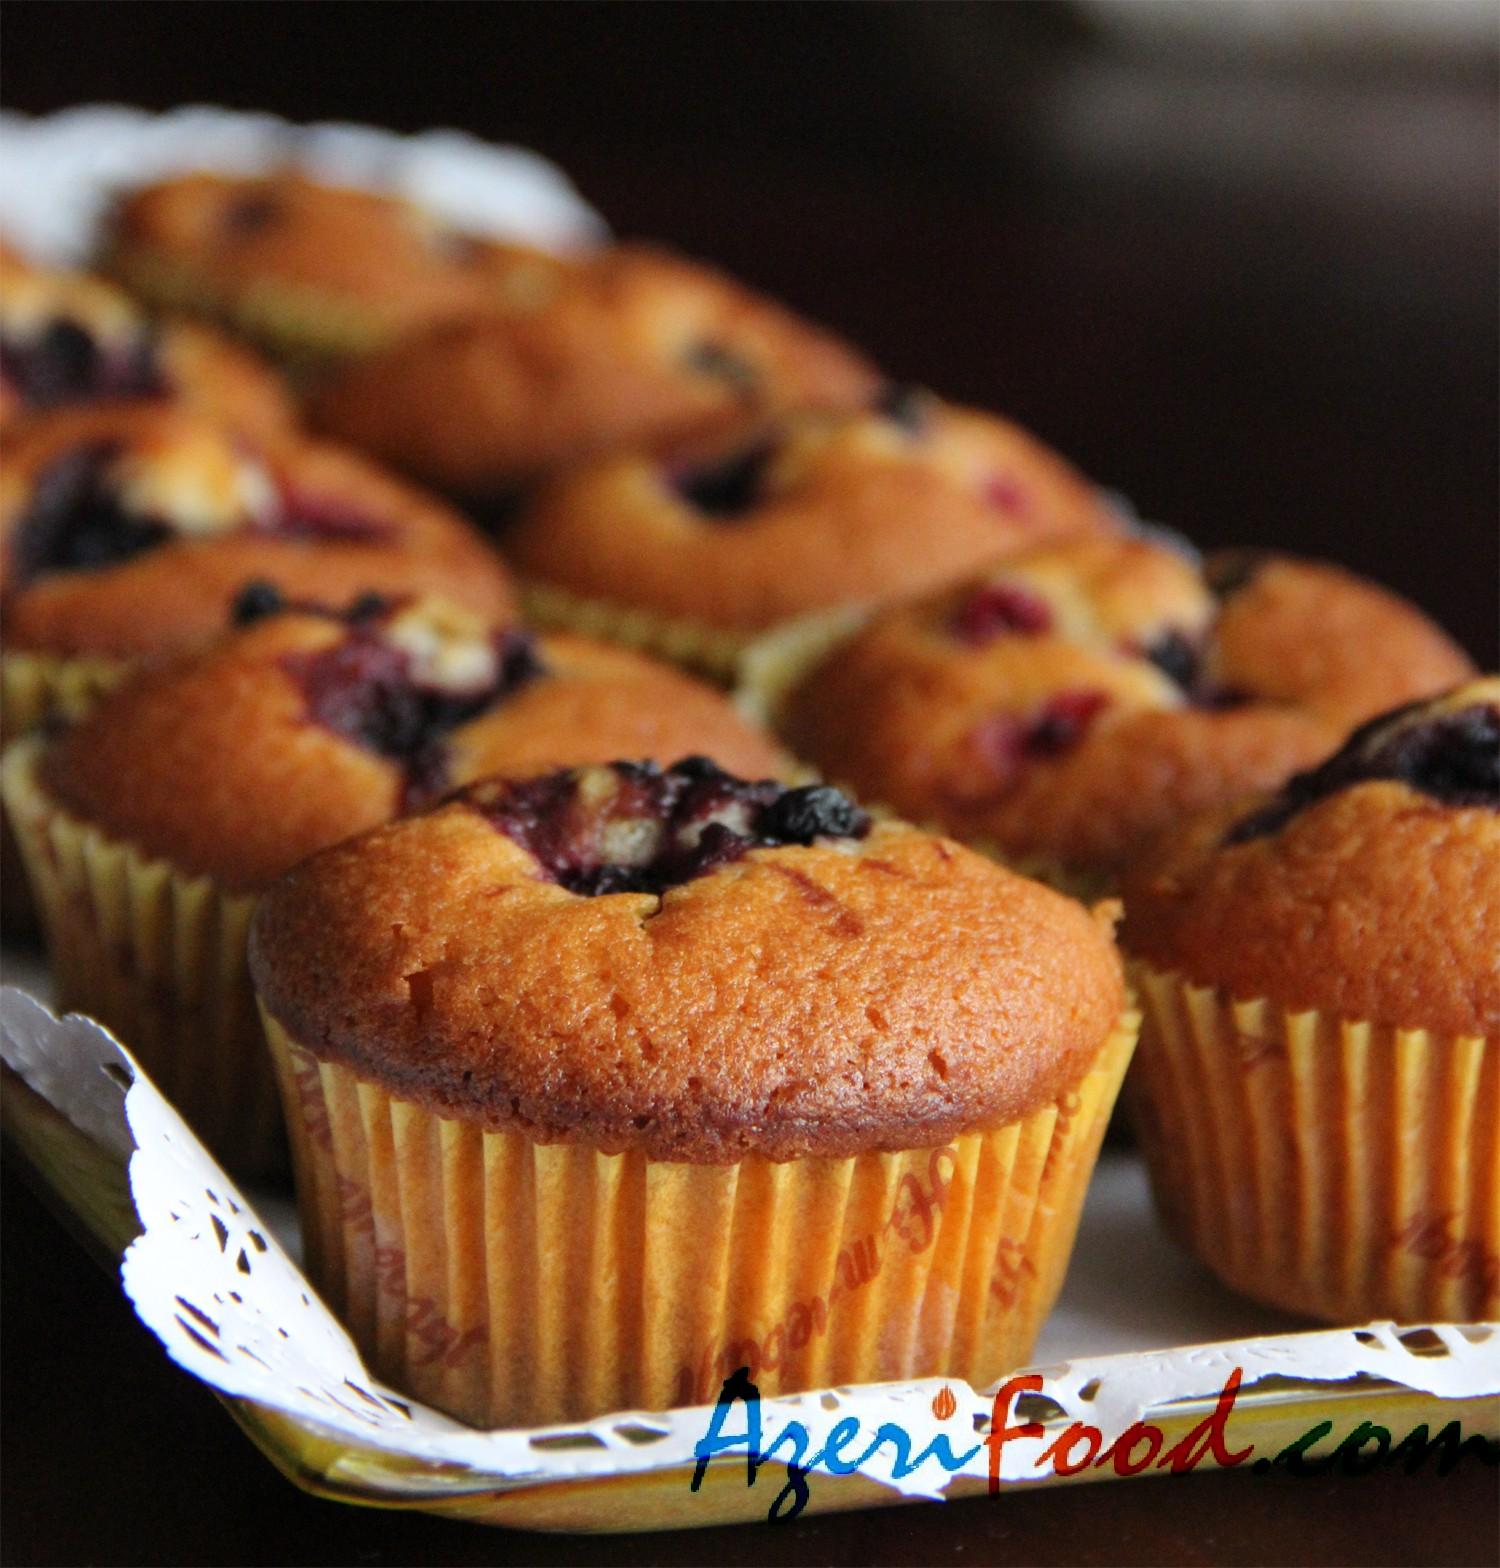 muffinsnew1